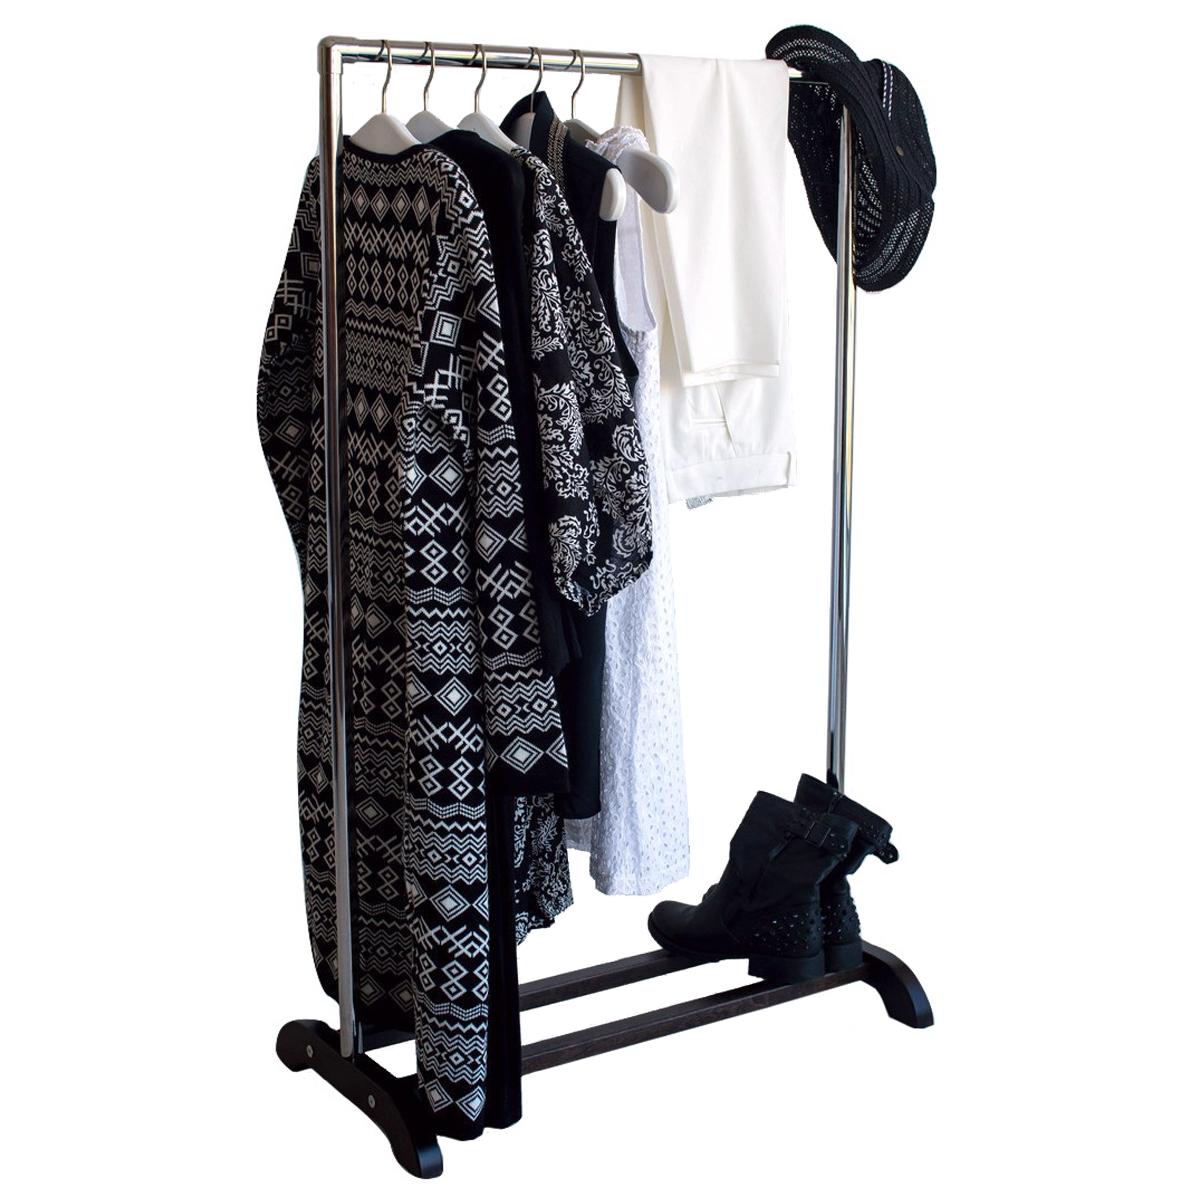 Выбираем стойку для одежды